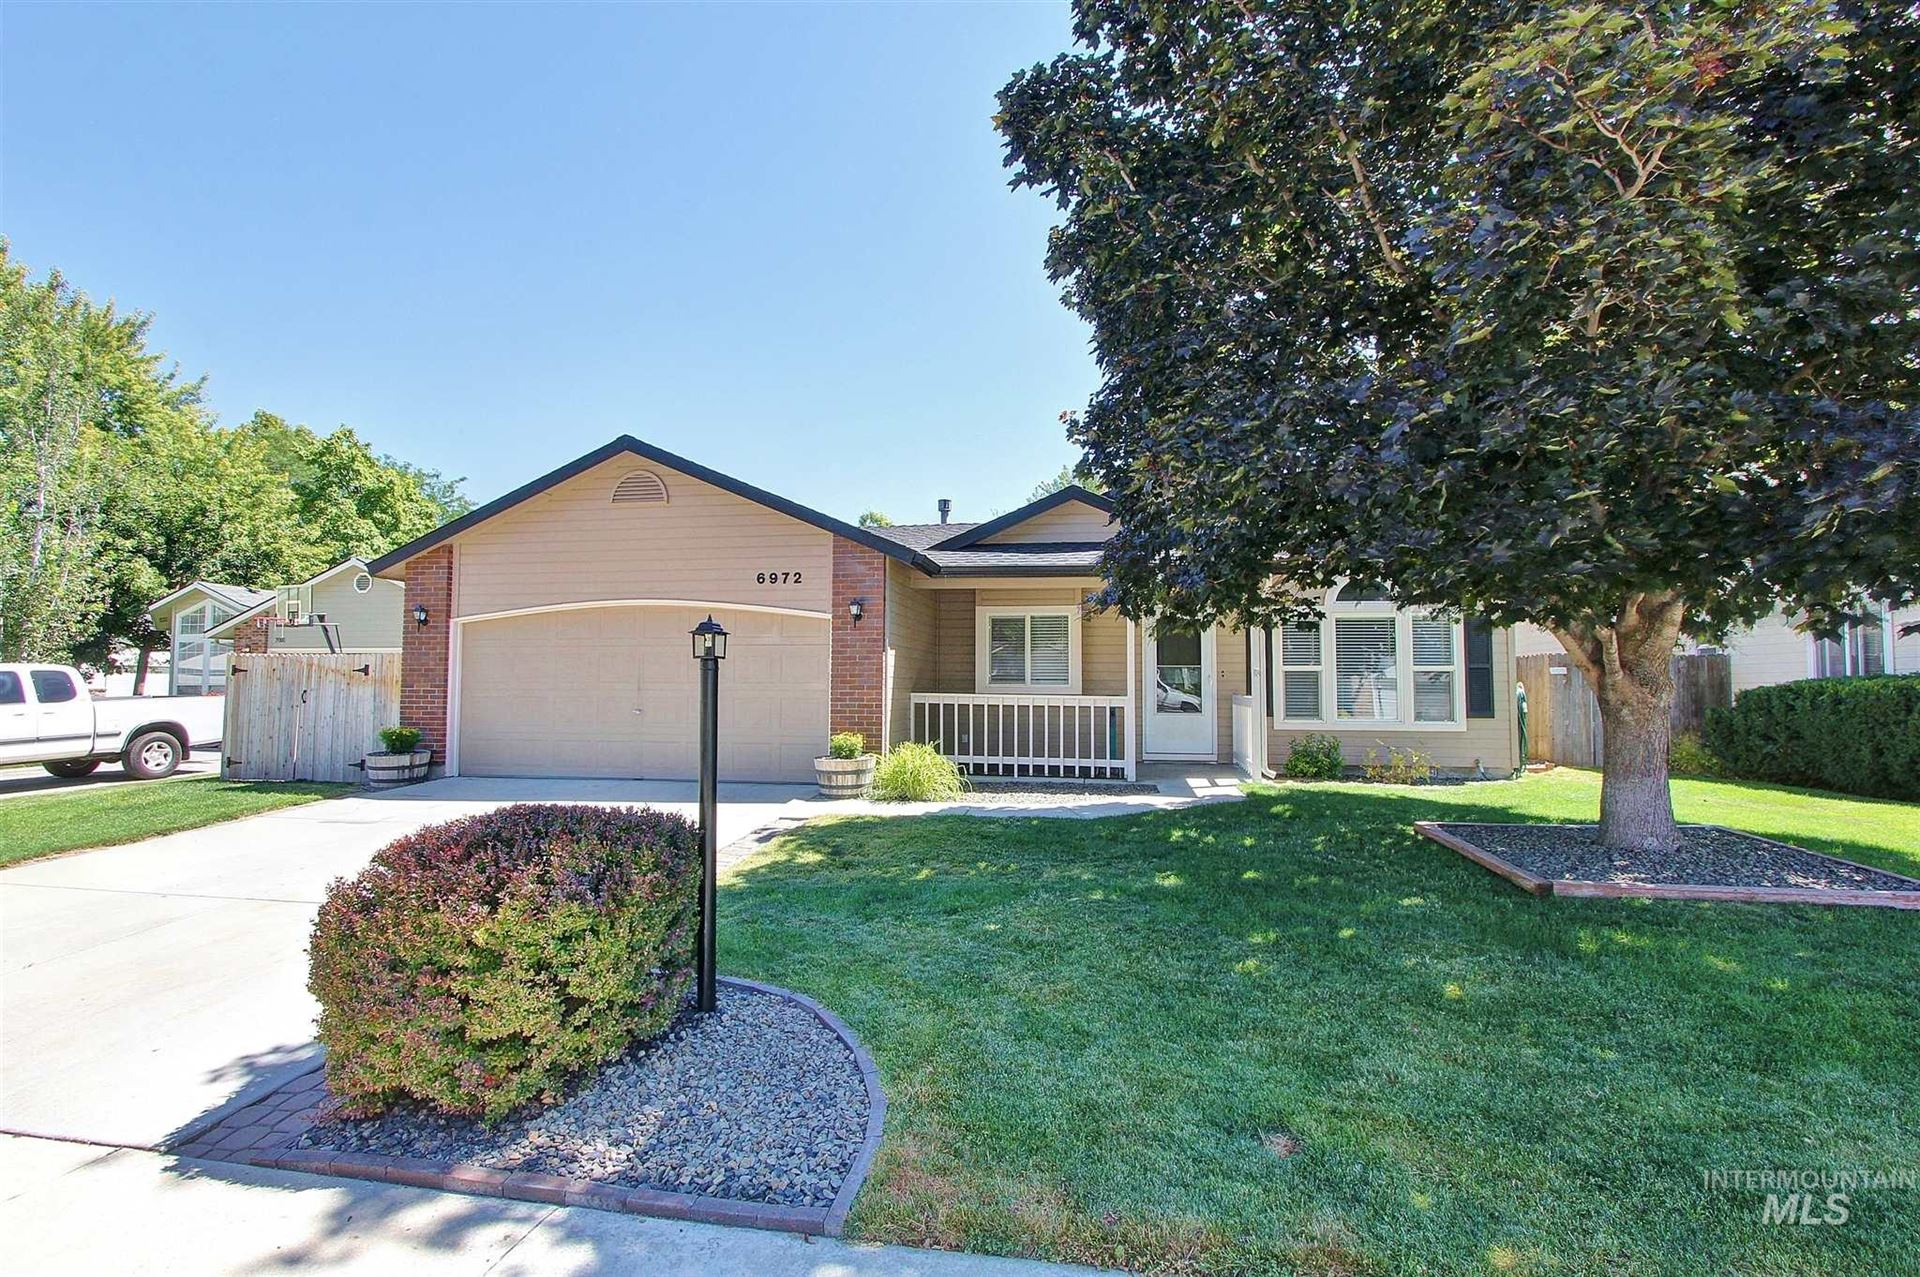 6972 N Casa Real Pl, Boise, ID 83714 - MLS#: 98776346